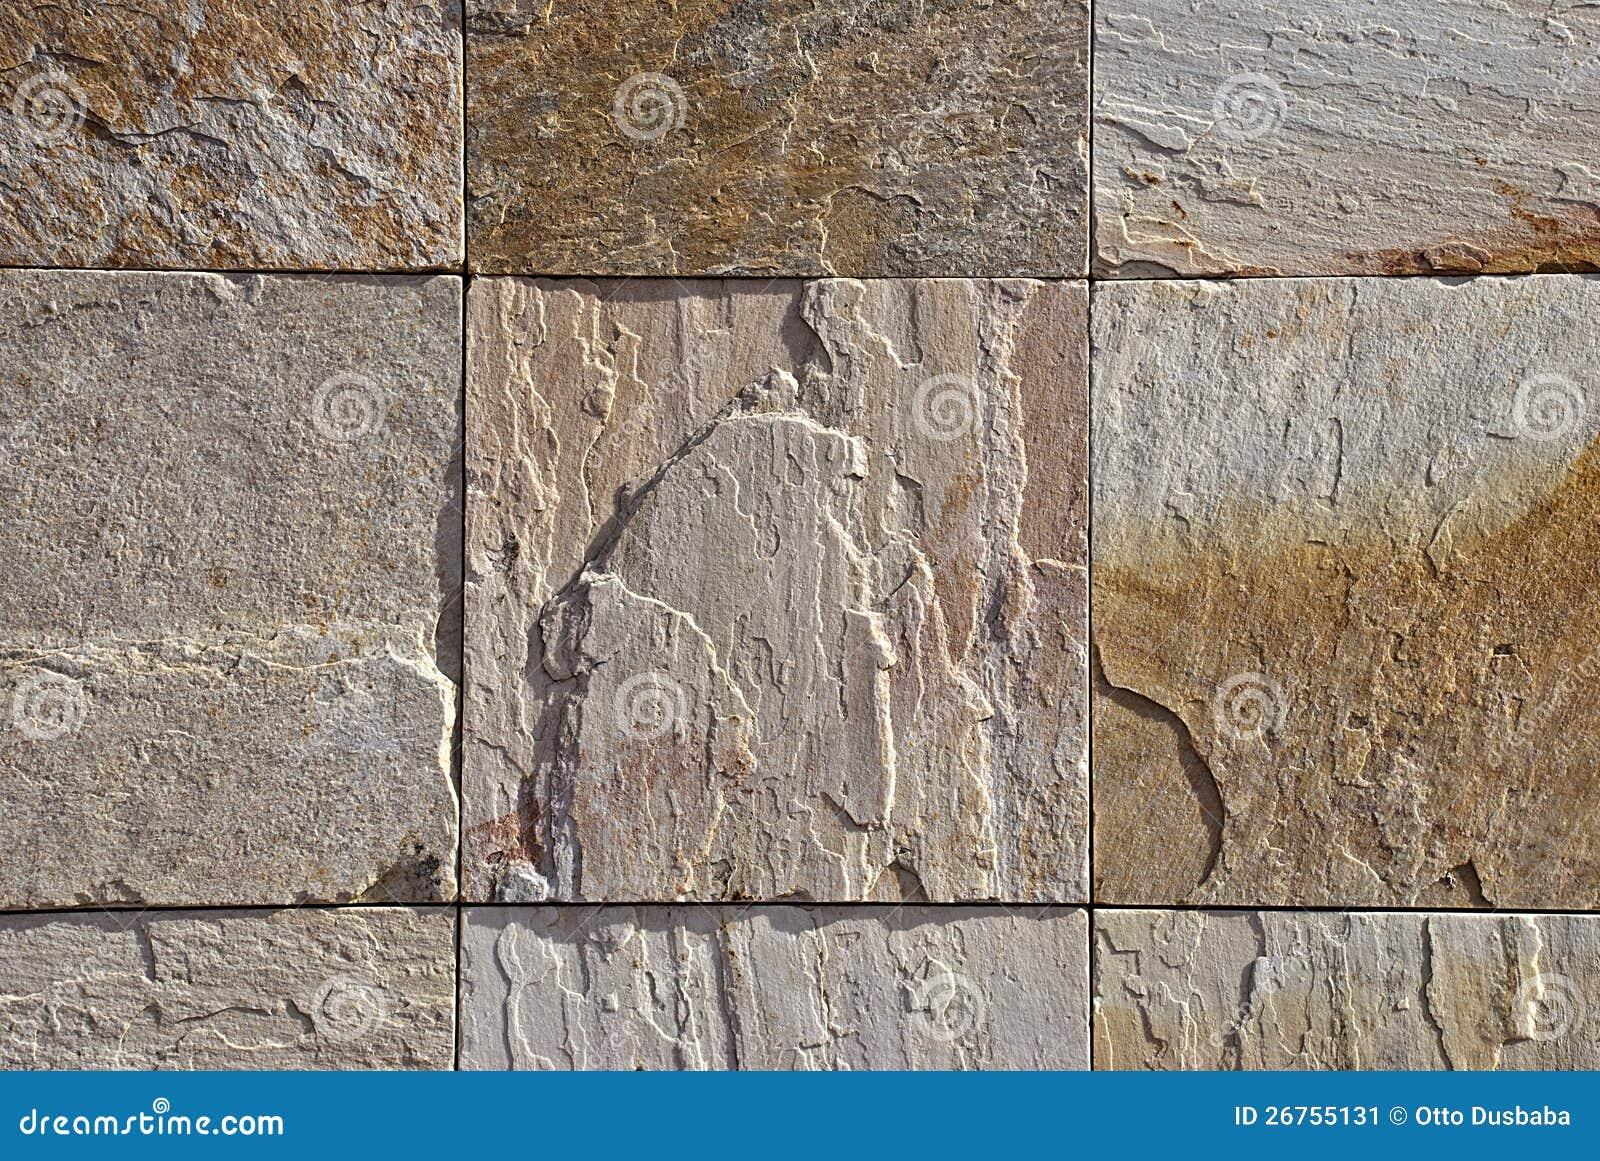 Syenite Building Stones : Textured quartzite building stones stock image